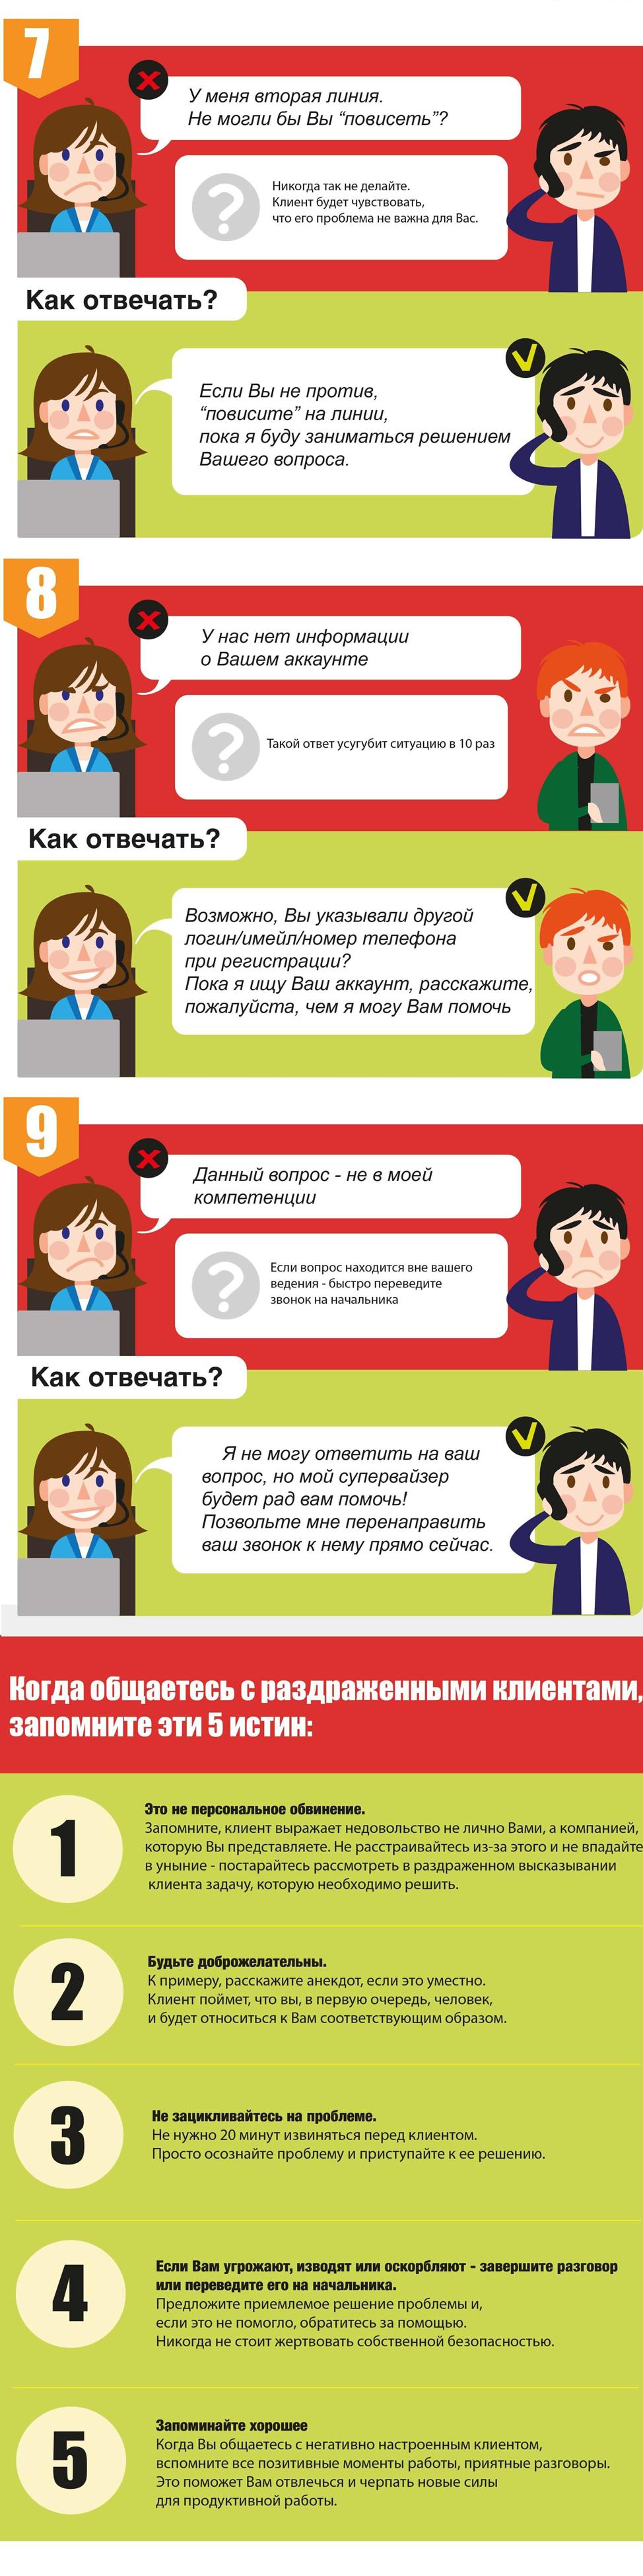 9 запретных ответов клиентам - 4